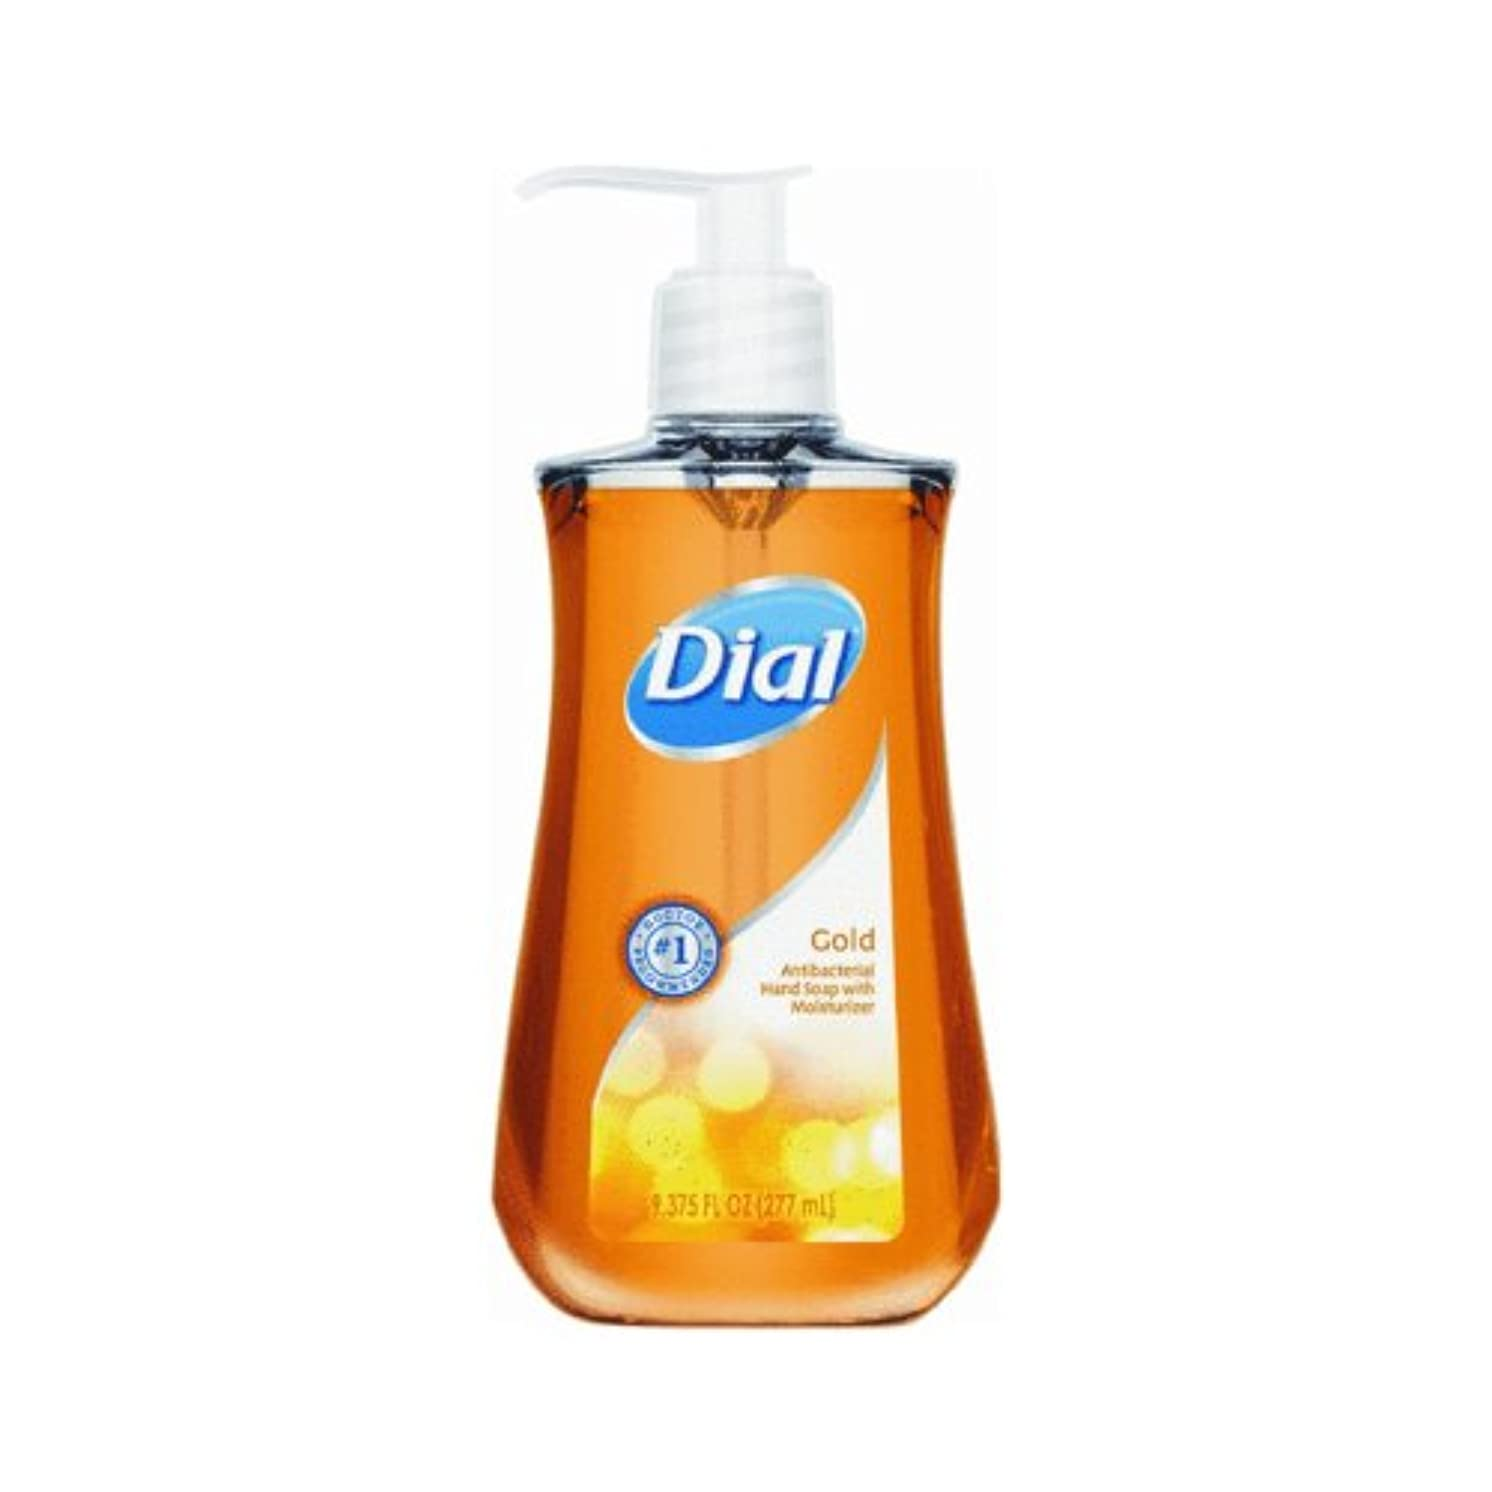 公爵財団キャプテンDial Antibacterial Hand Soap, Gold with Moisturizer 280 ml (Pack of 12) (並行輸入品)